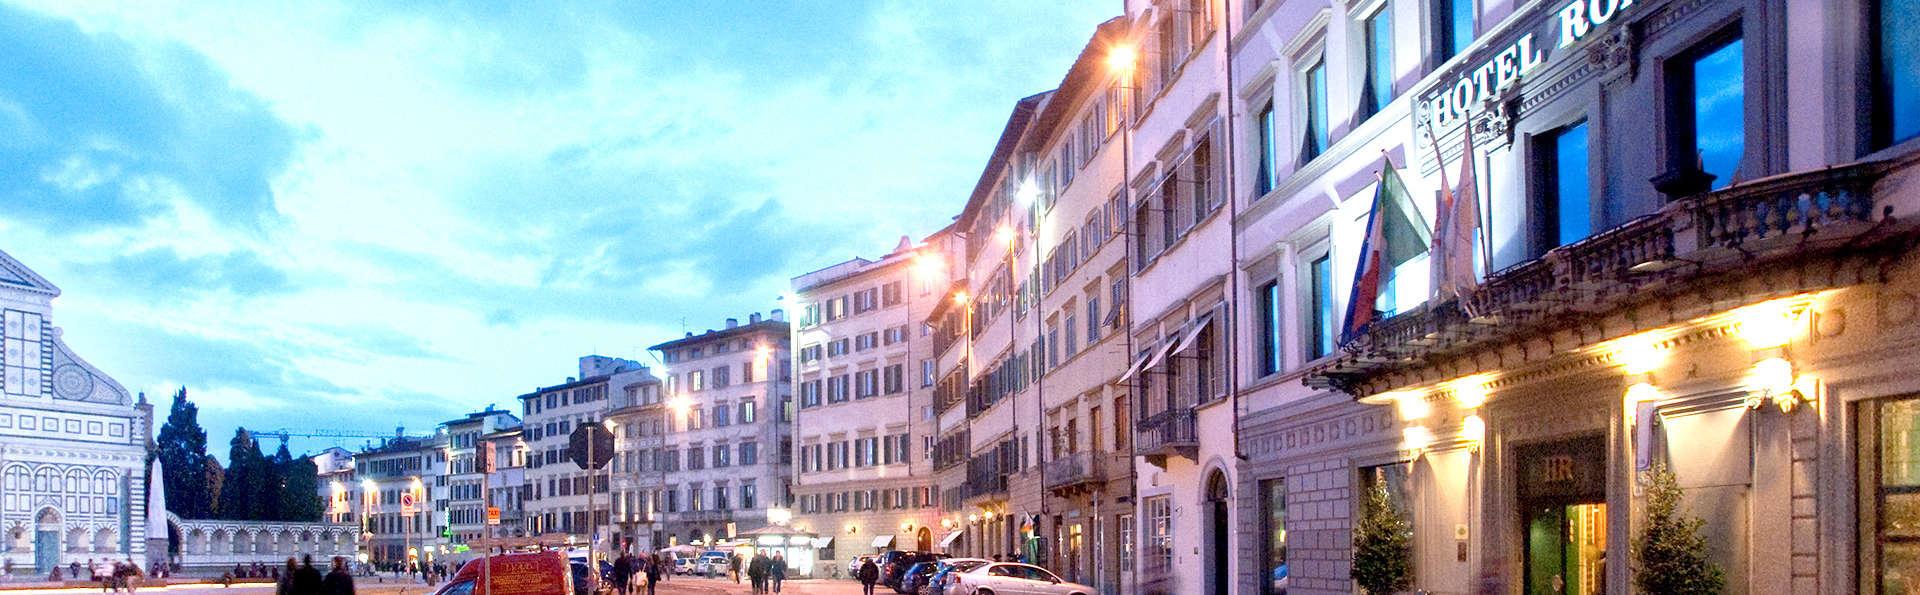 Offre pour un séjour à Florence dans un hôtel 4 étoiles